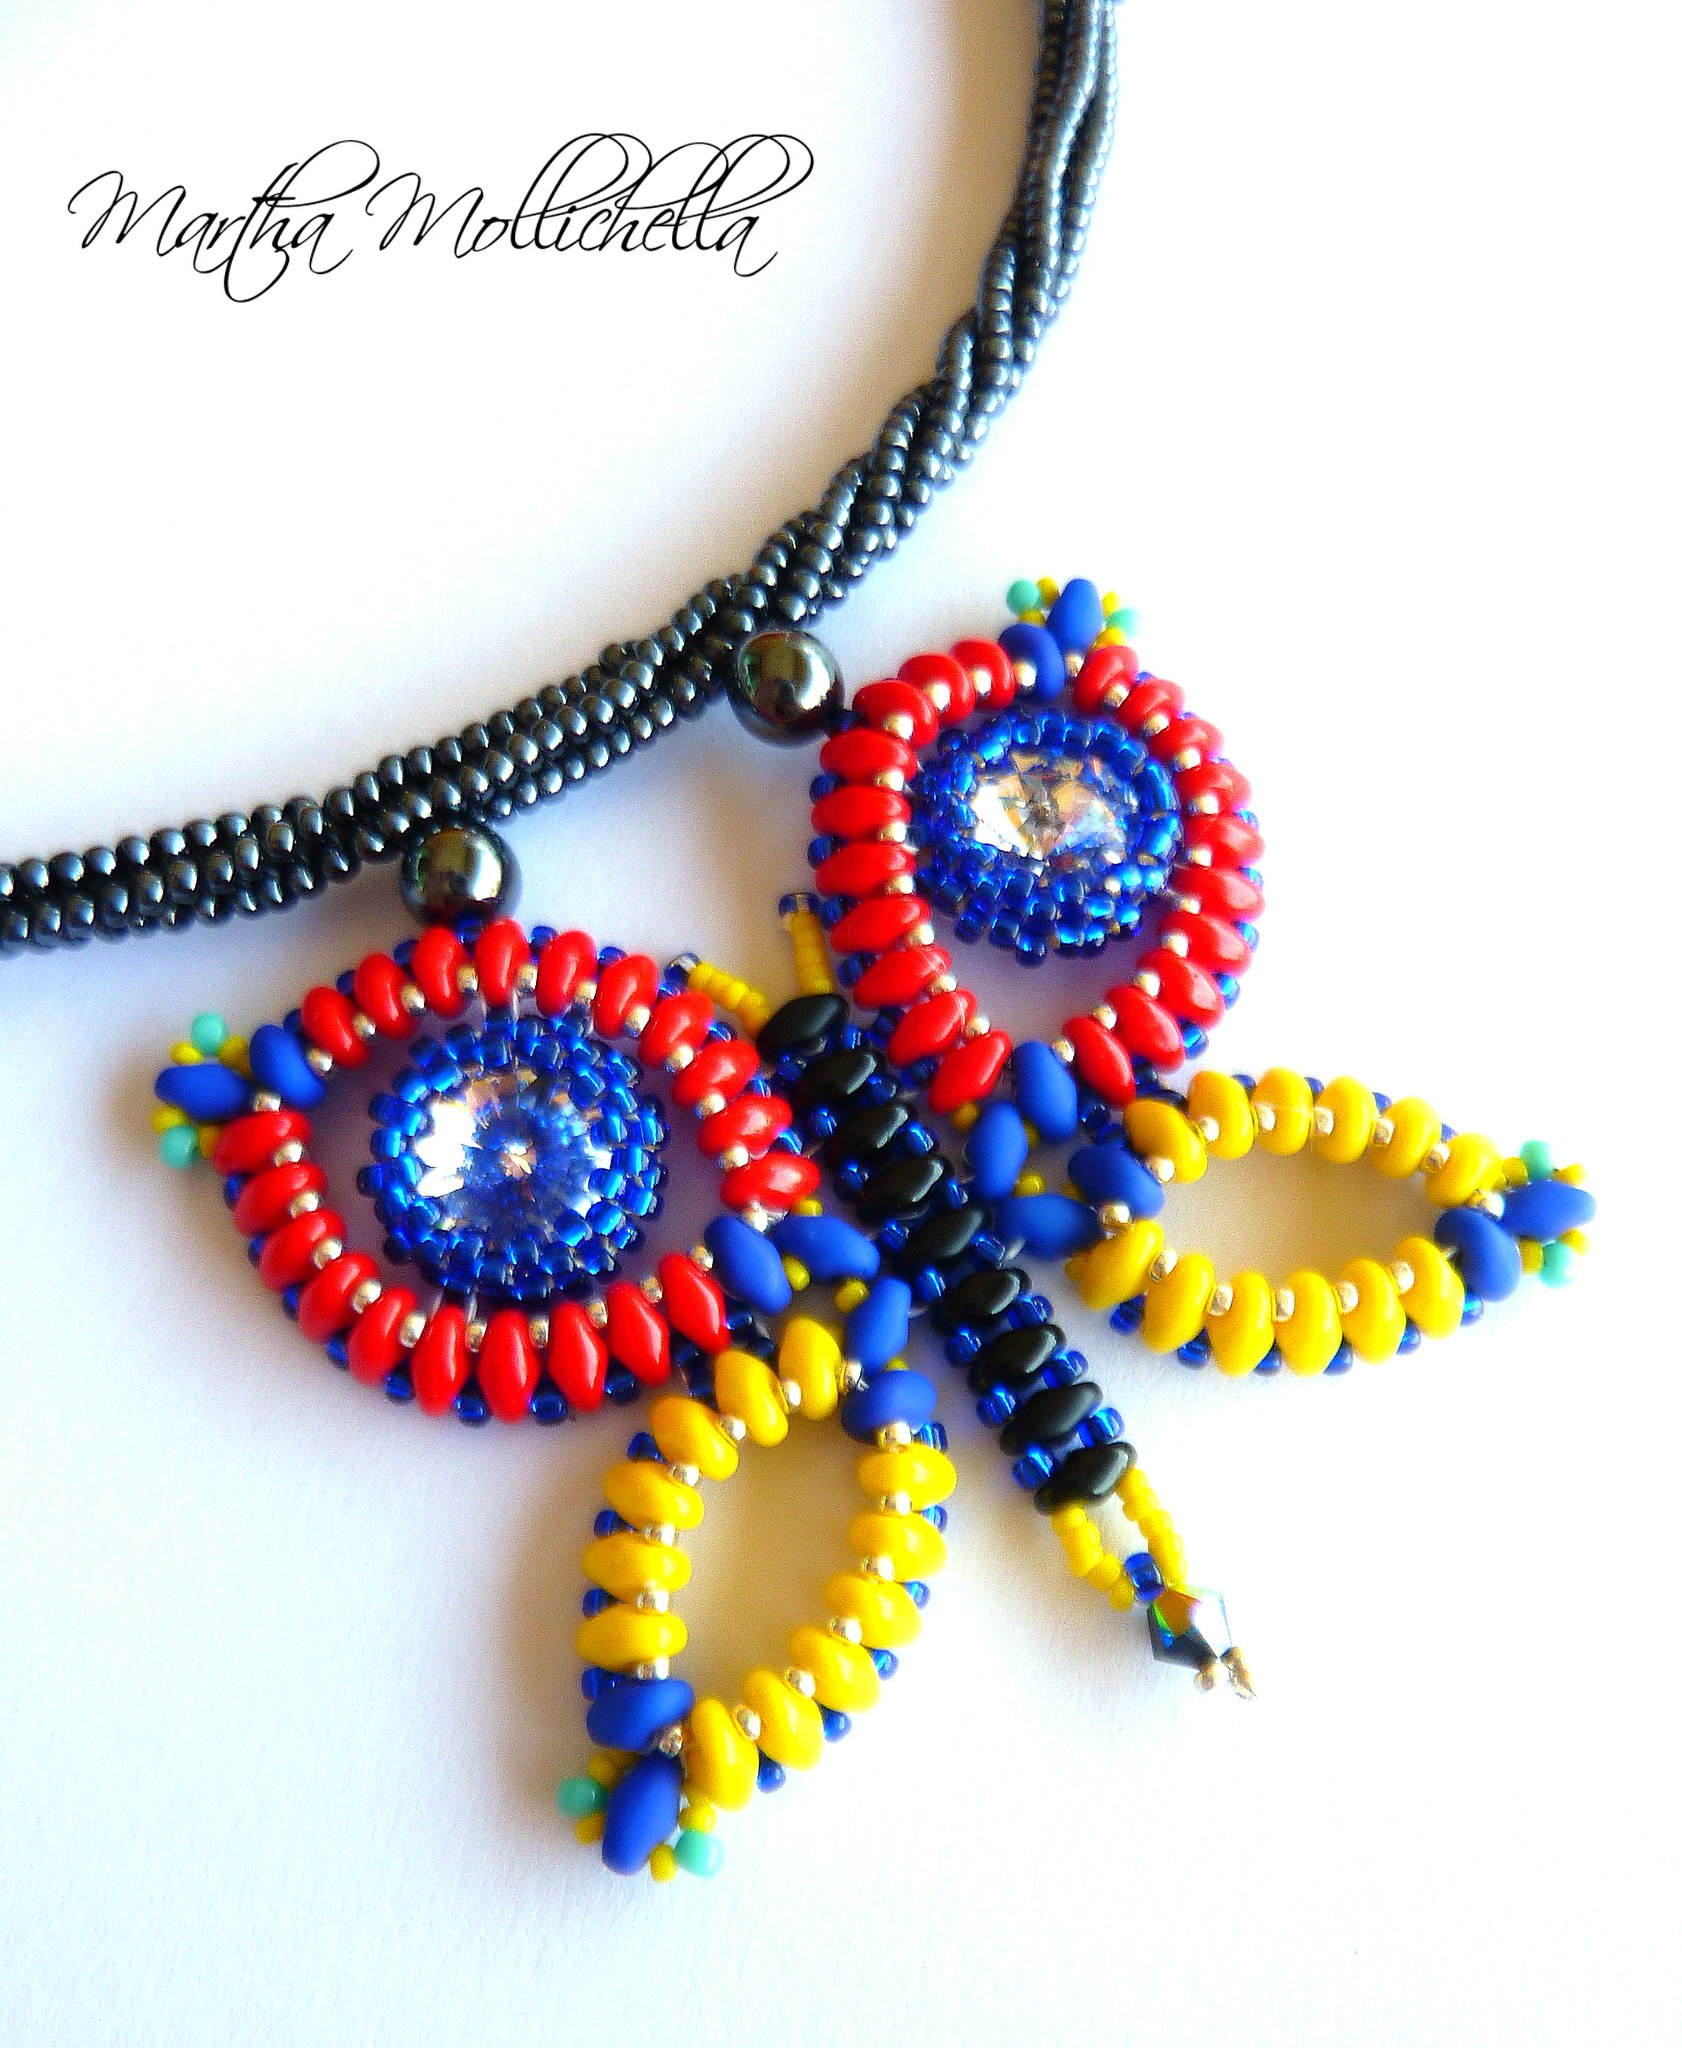 collana farfalla e Swarovski handmade by Martha Mollichella